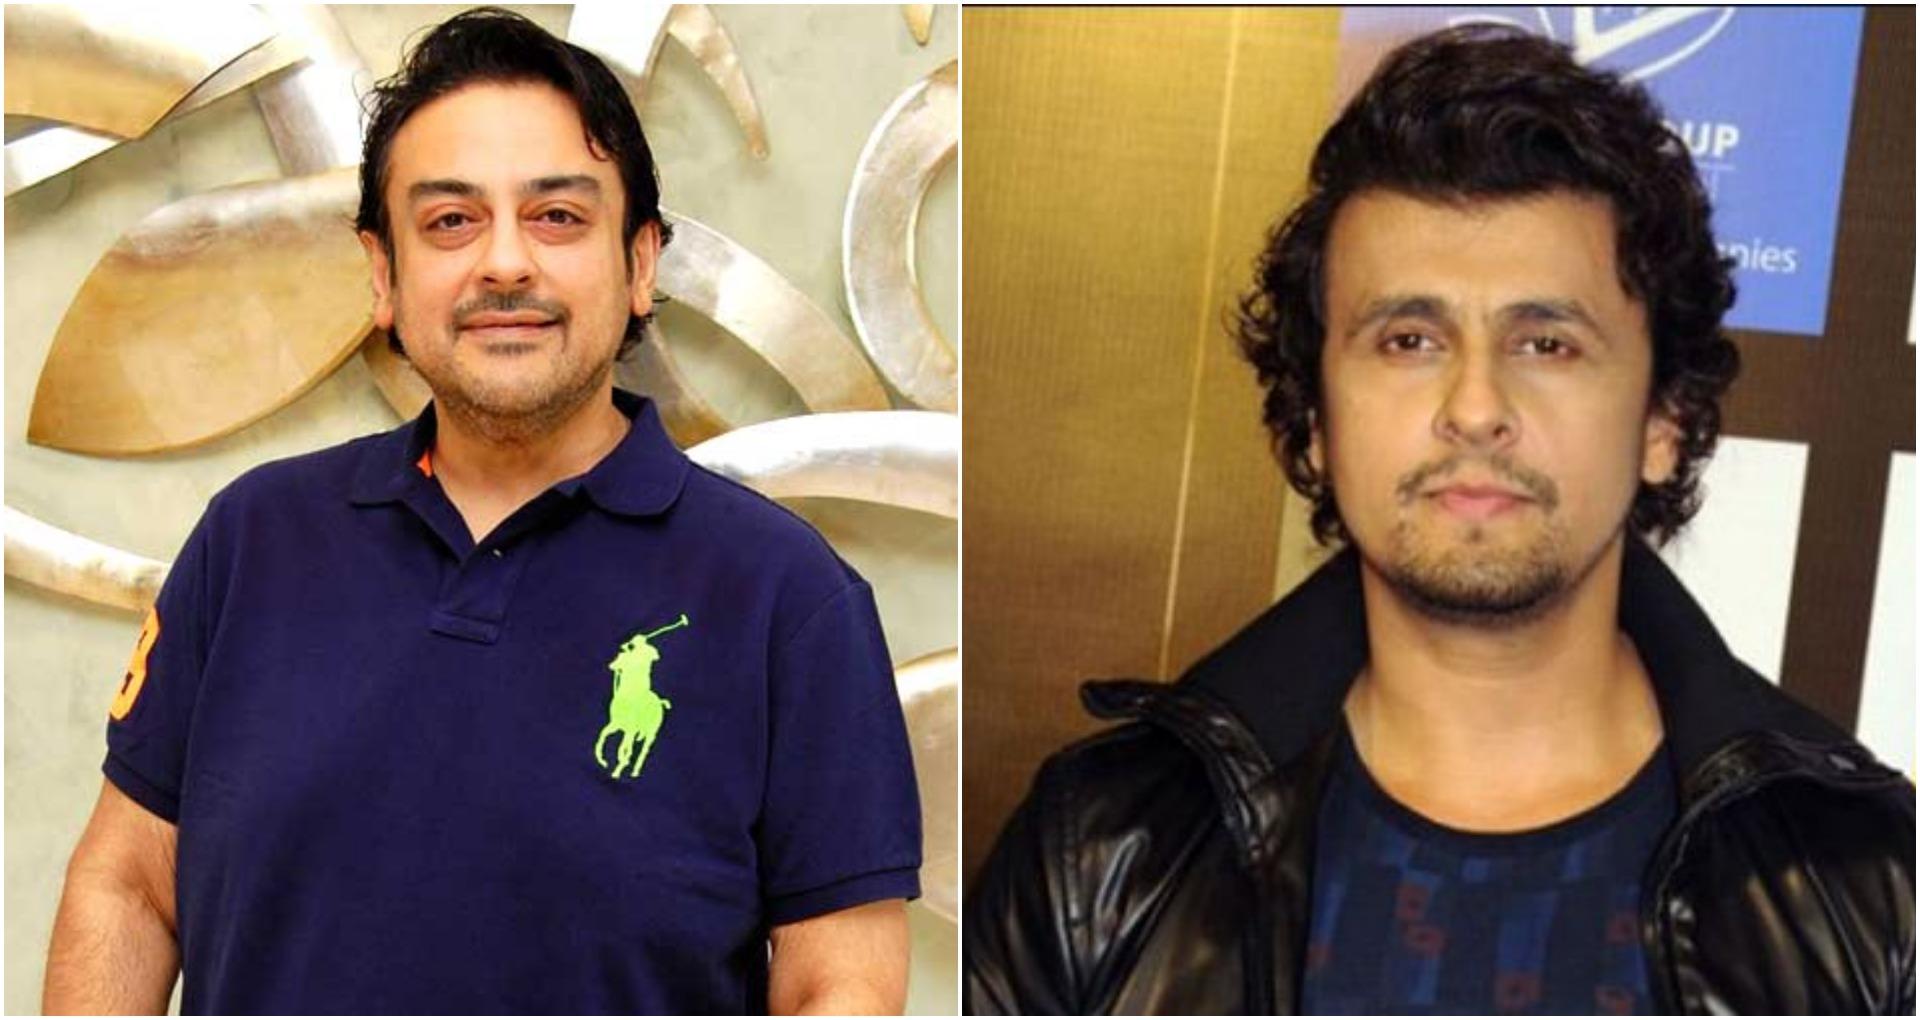 सोनू निगम के सपोर्ट में आए अदनान सामी, गिरफ्तारी की मांग पर कहा- उन्हें अकेला छोड़ दो